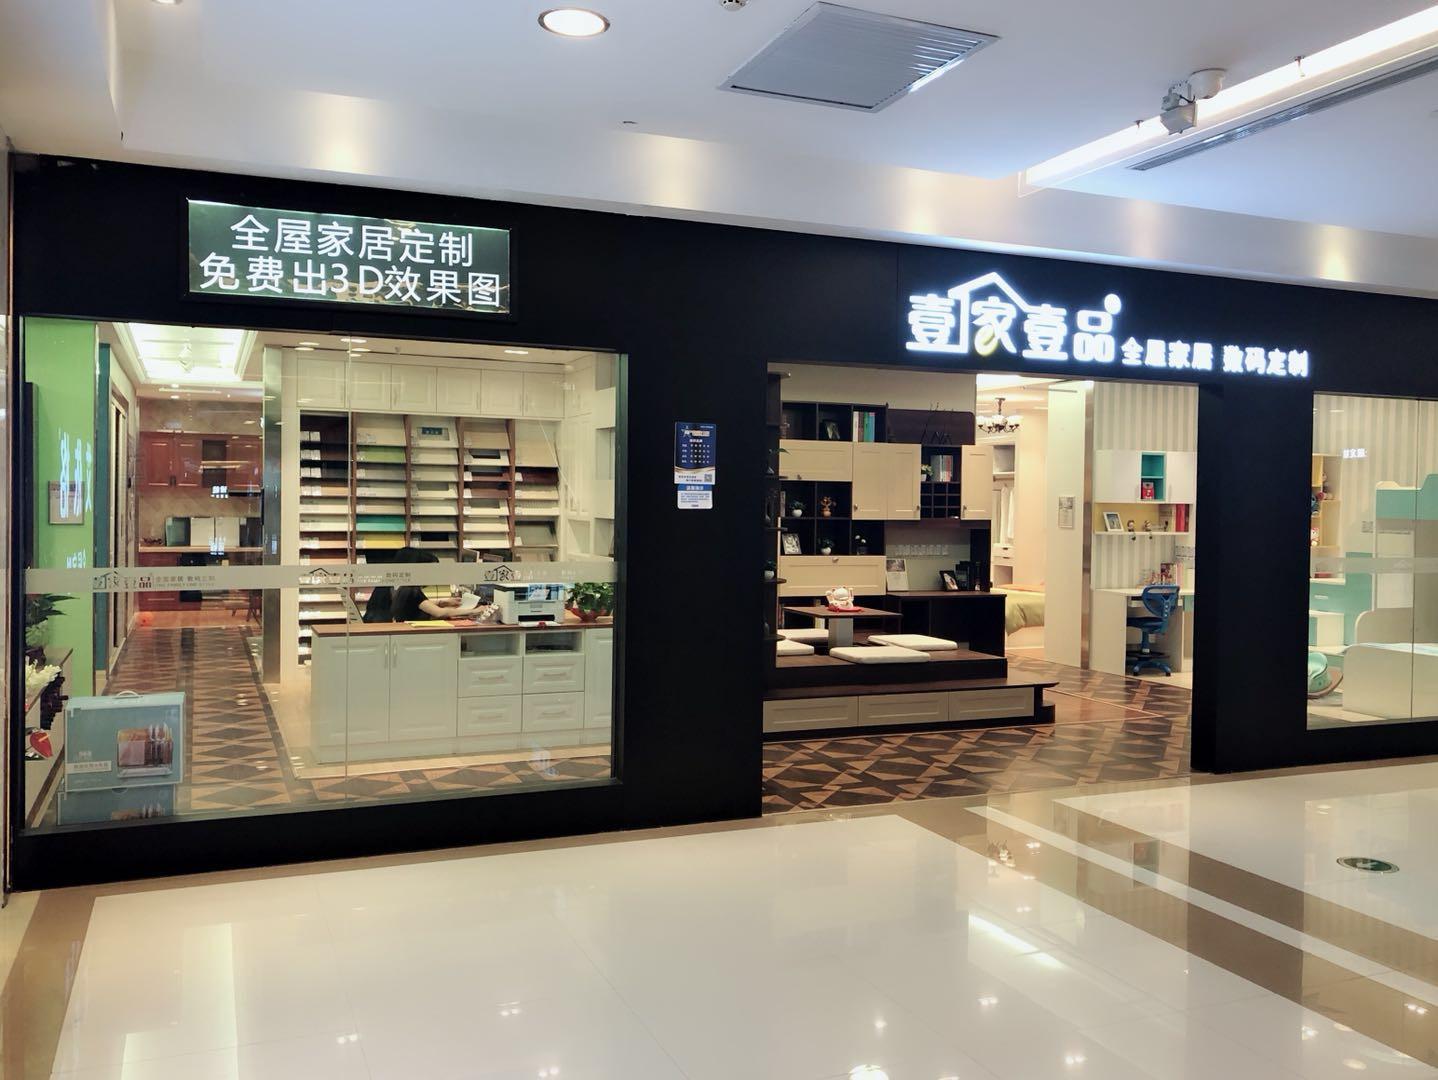 壹家壹品(西安北二环商场)